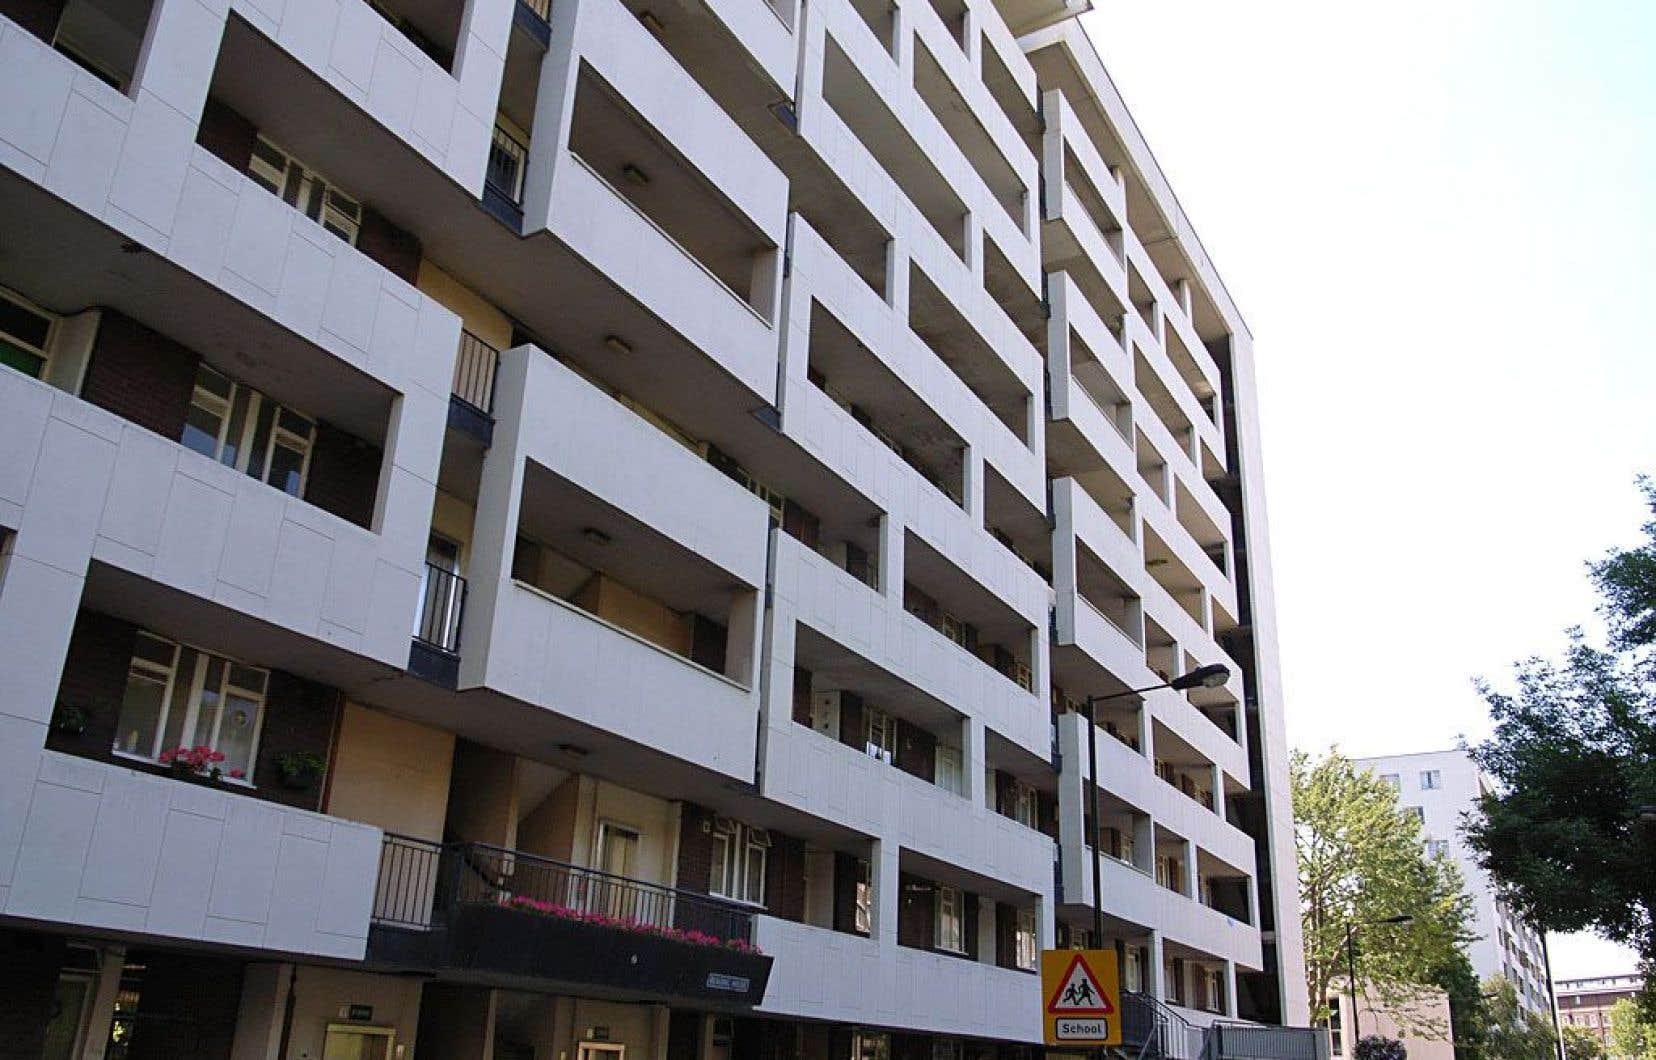 Les habitations Hallfield comptent parmi les projets de HLM réalisés par l'architecte Berthold Lubetkin à Londres.